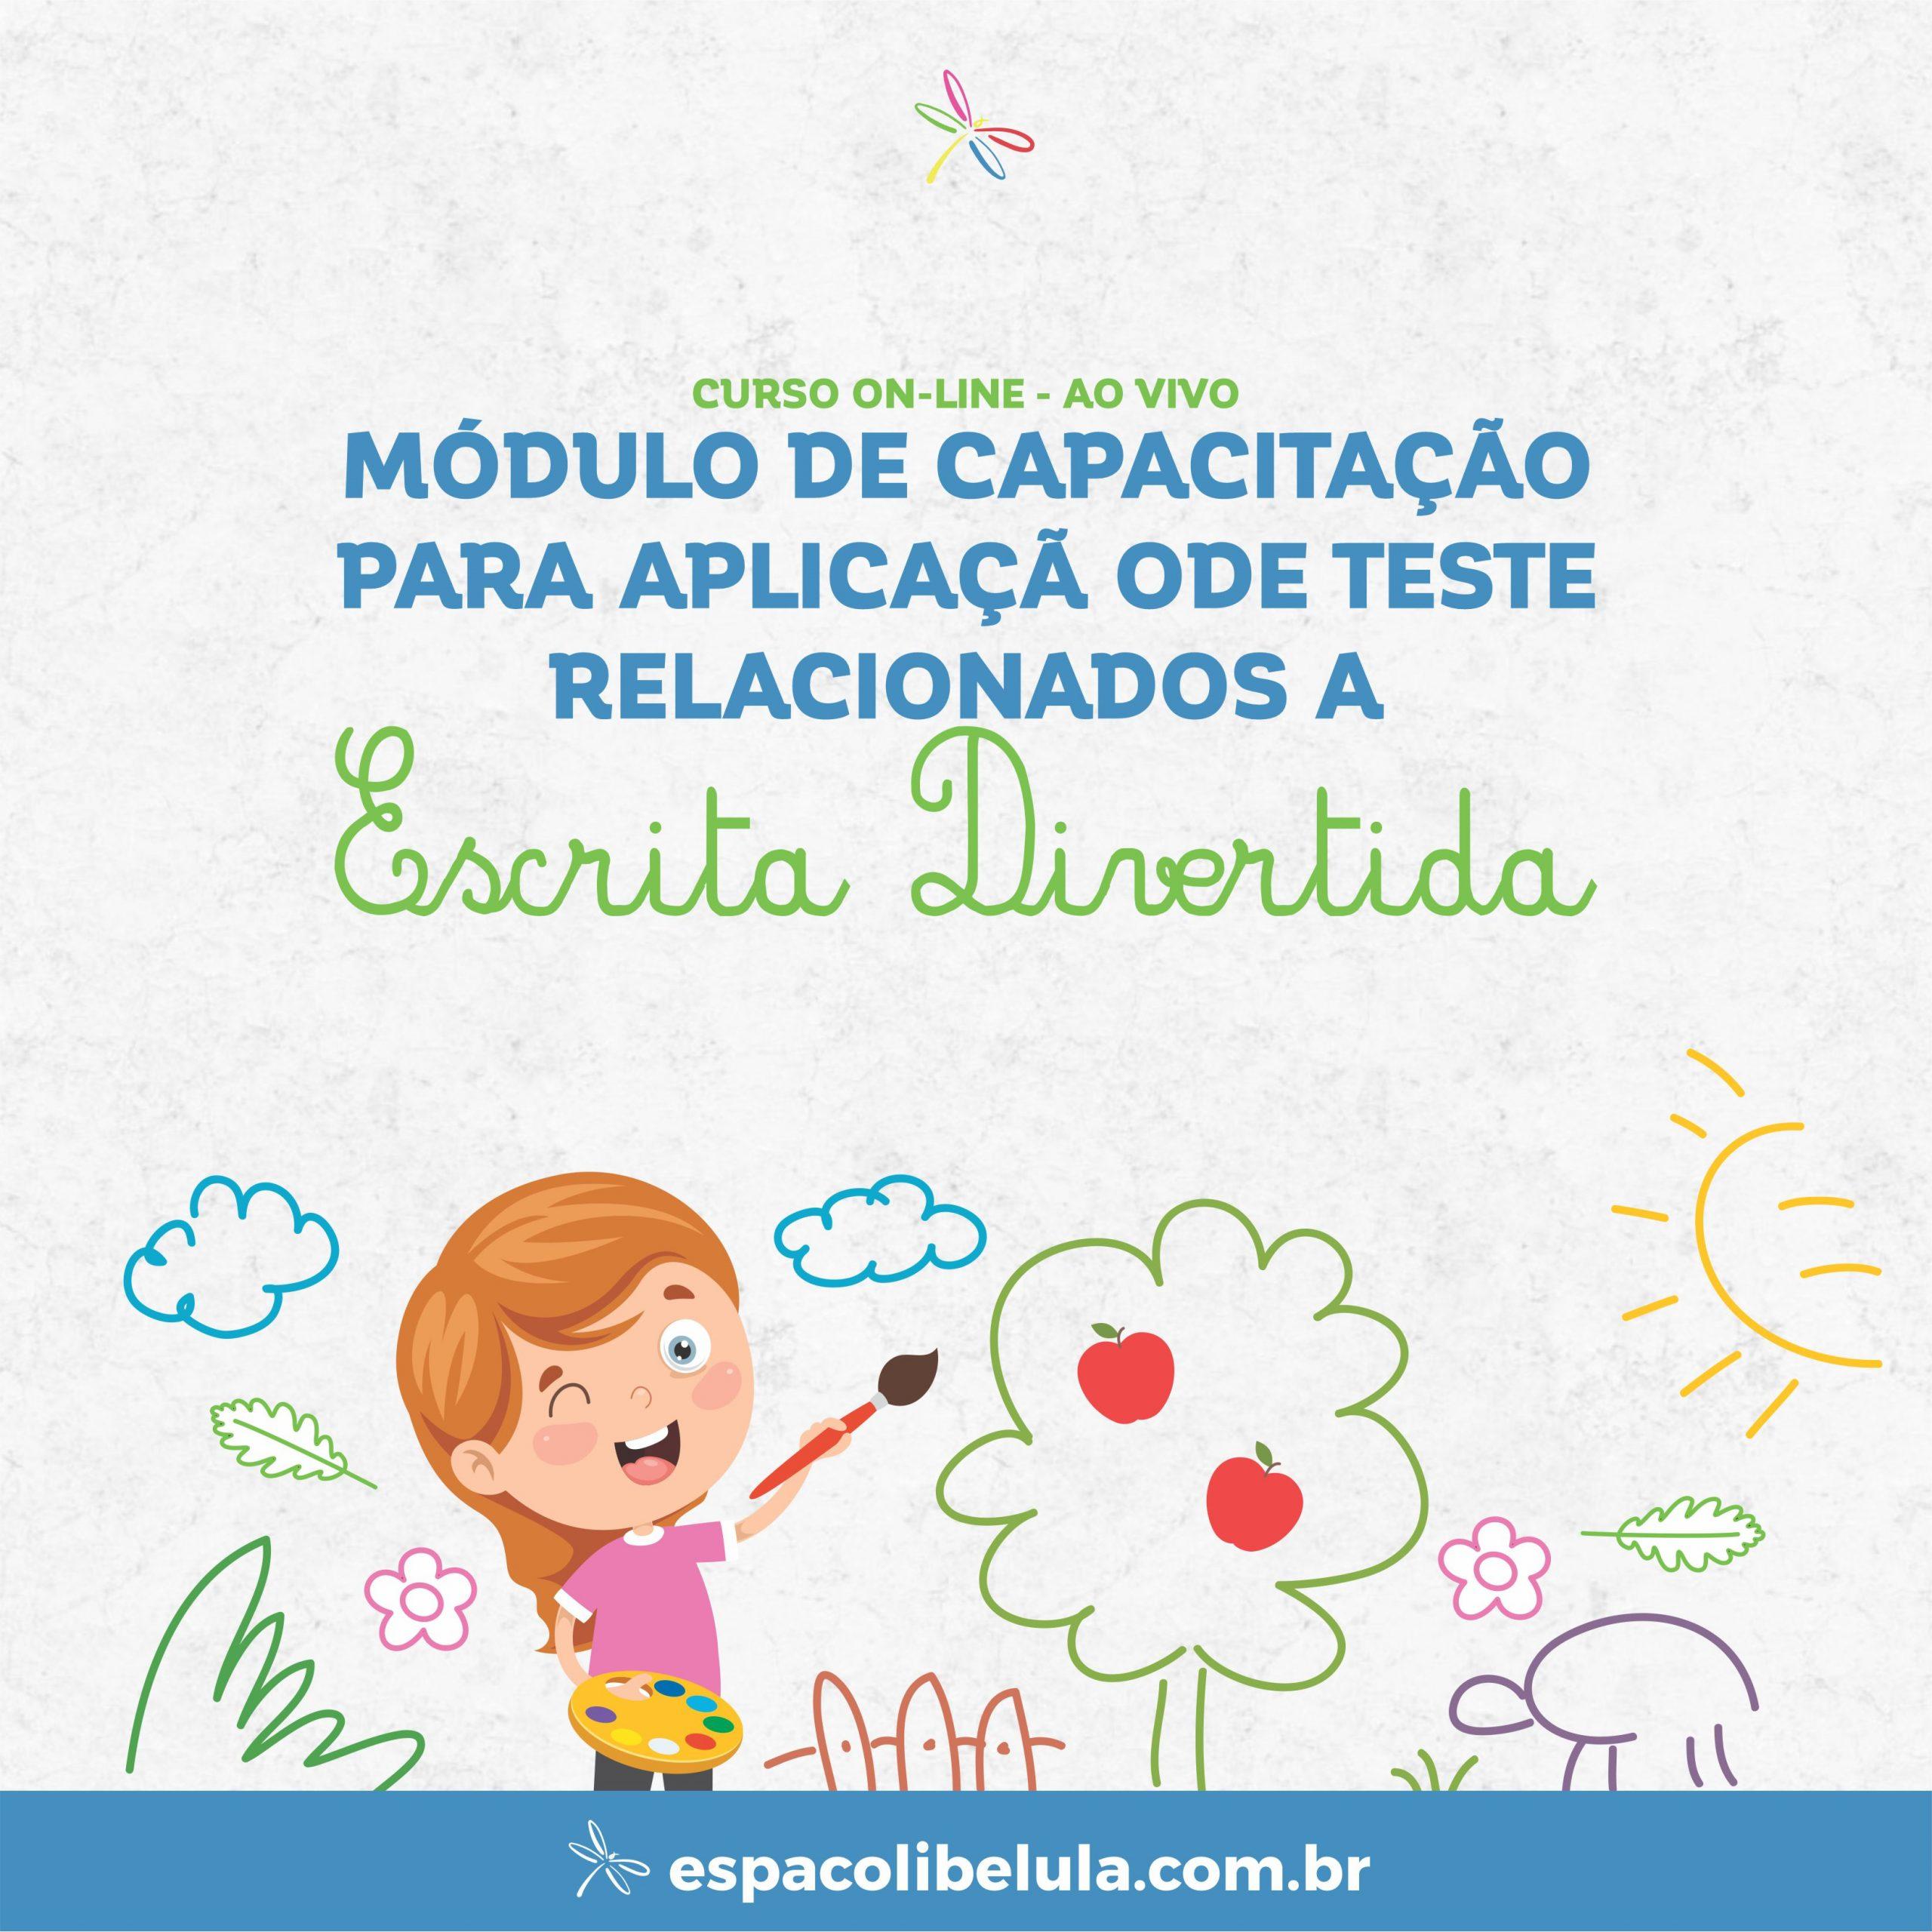 MÓDULO DE CAPACITAÇÃO PARA APLICAÇÃO DE TESTES RELACIONADOS A ESCRITA DIVERTIDA (CATE)